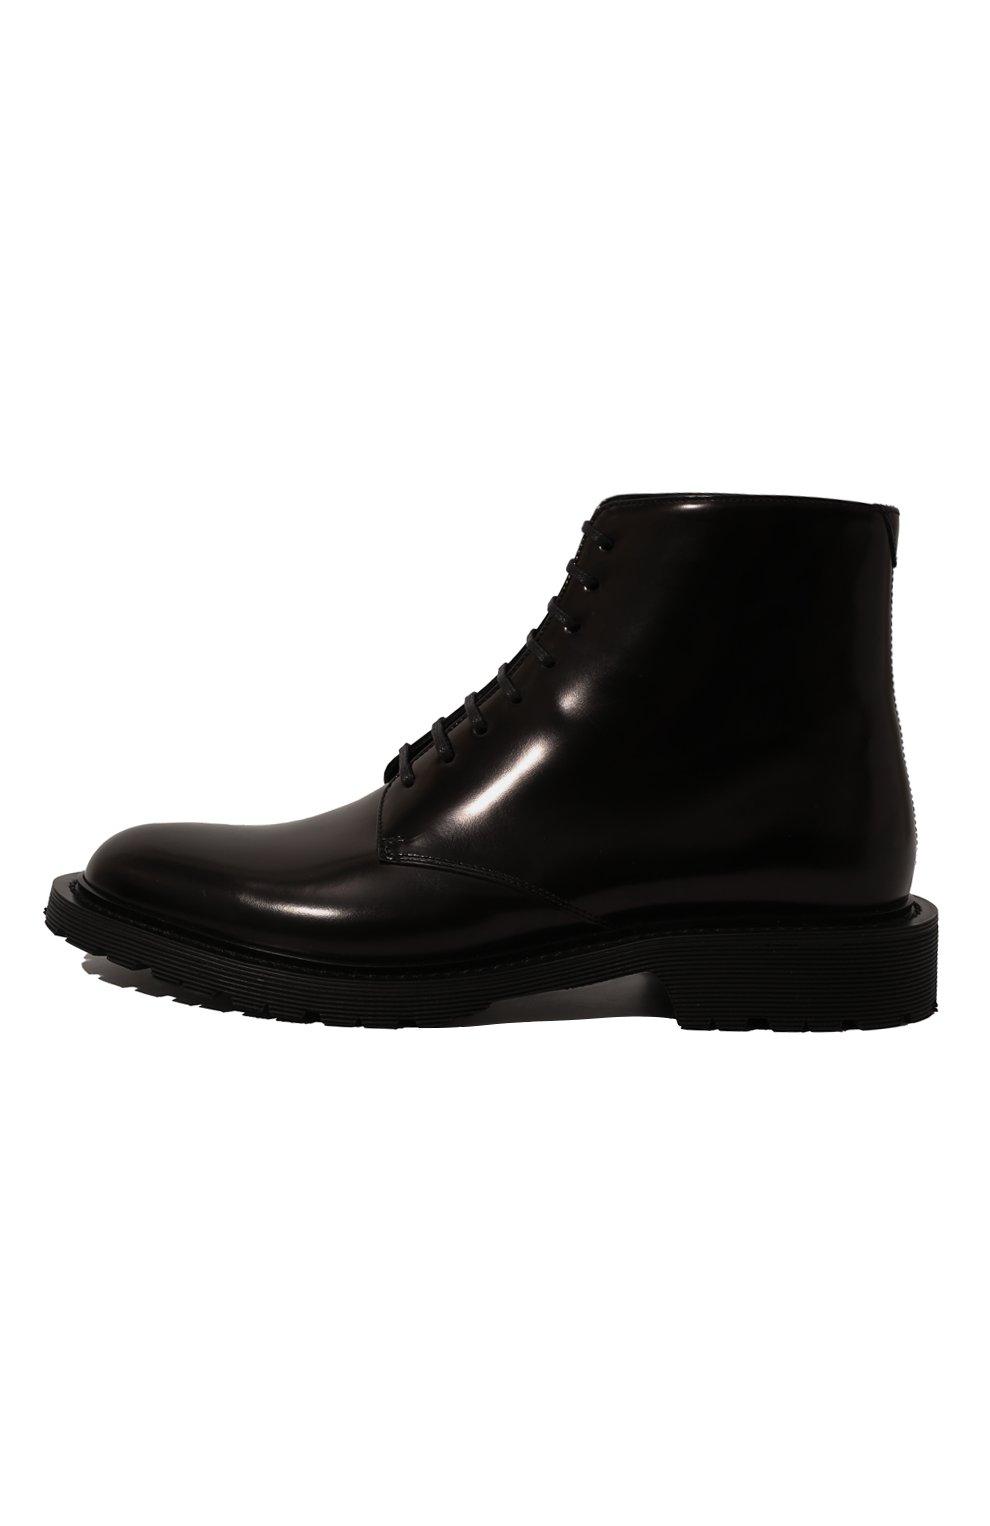 Женские кожаные ботинки army SAINT LAURENT черного цвета, арт. 632412/1Y000   Фото 4